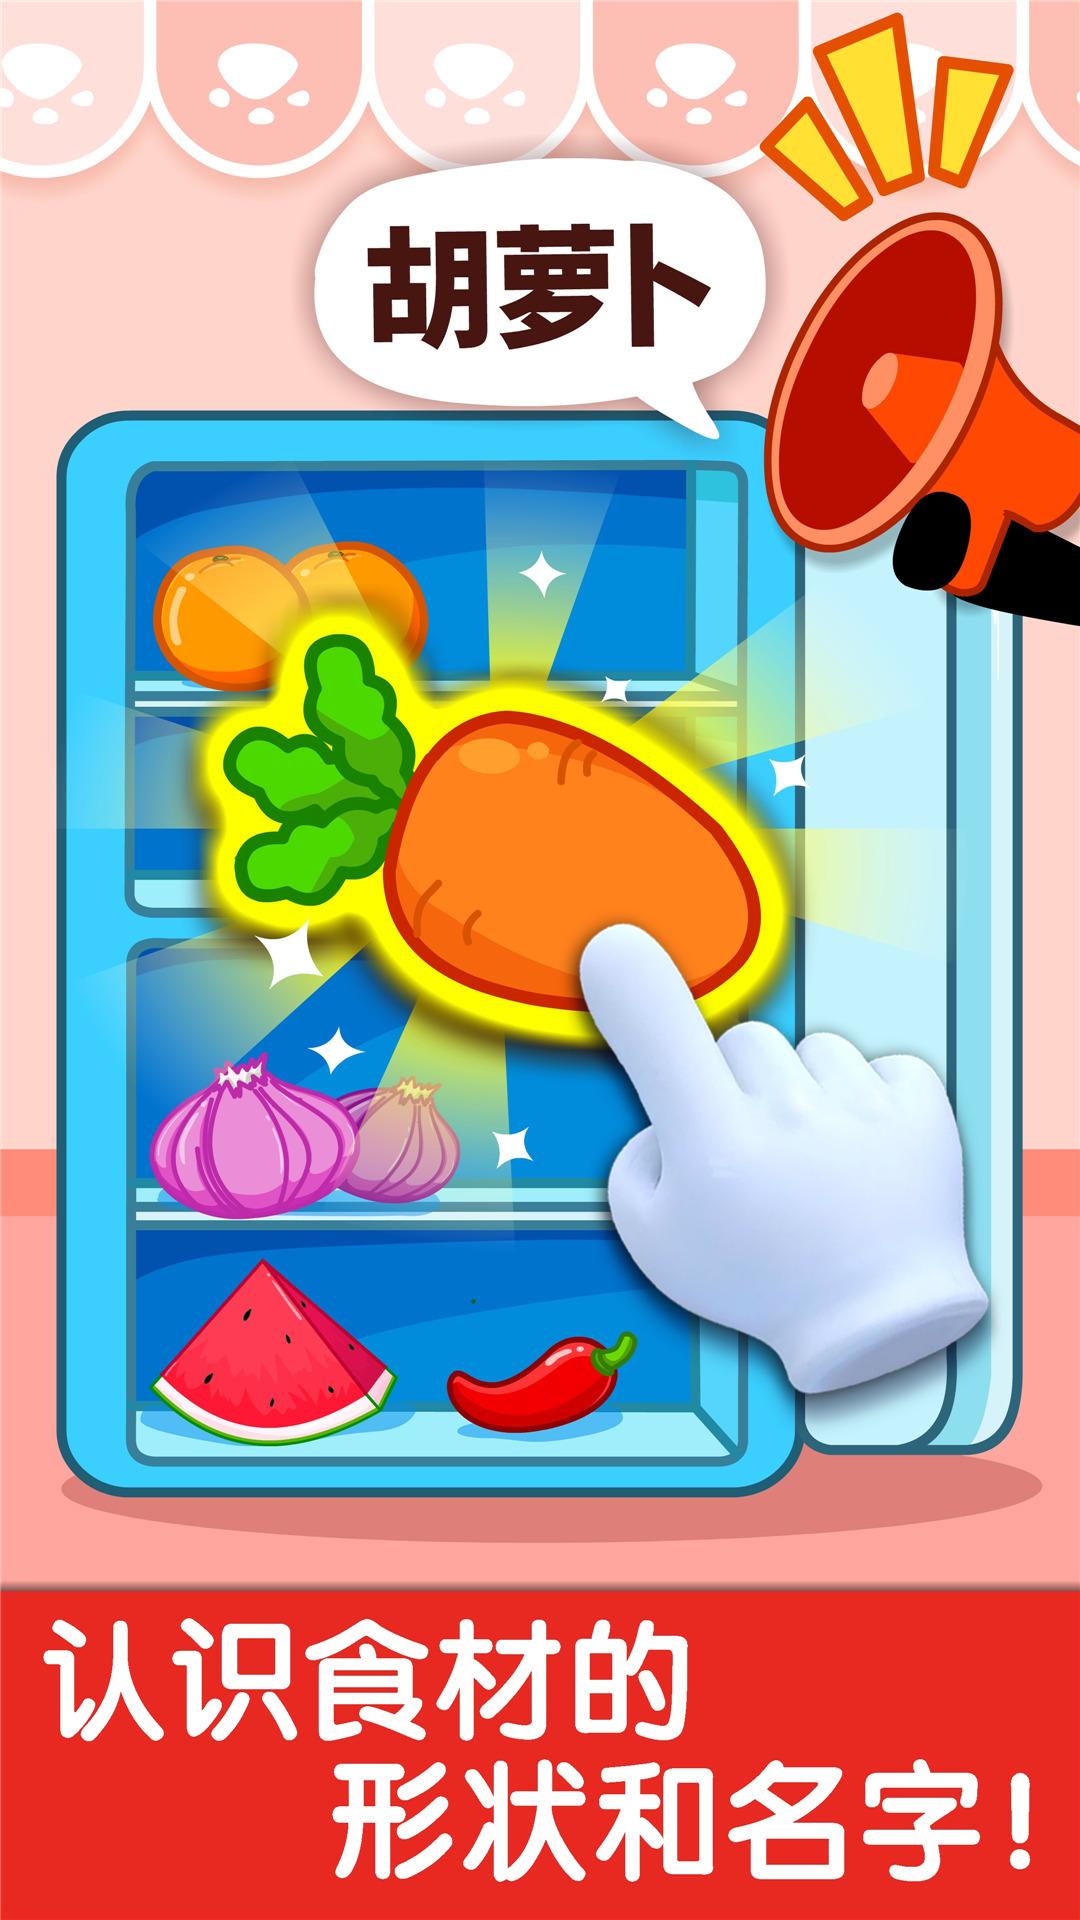 宝宝小厨房软件截图1